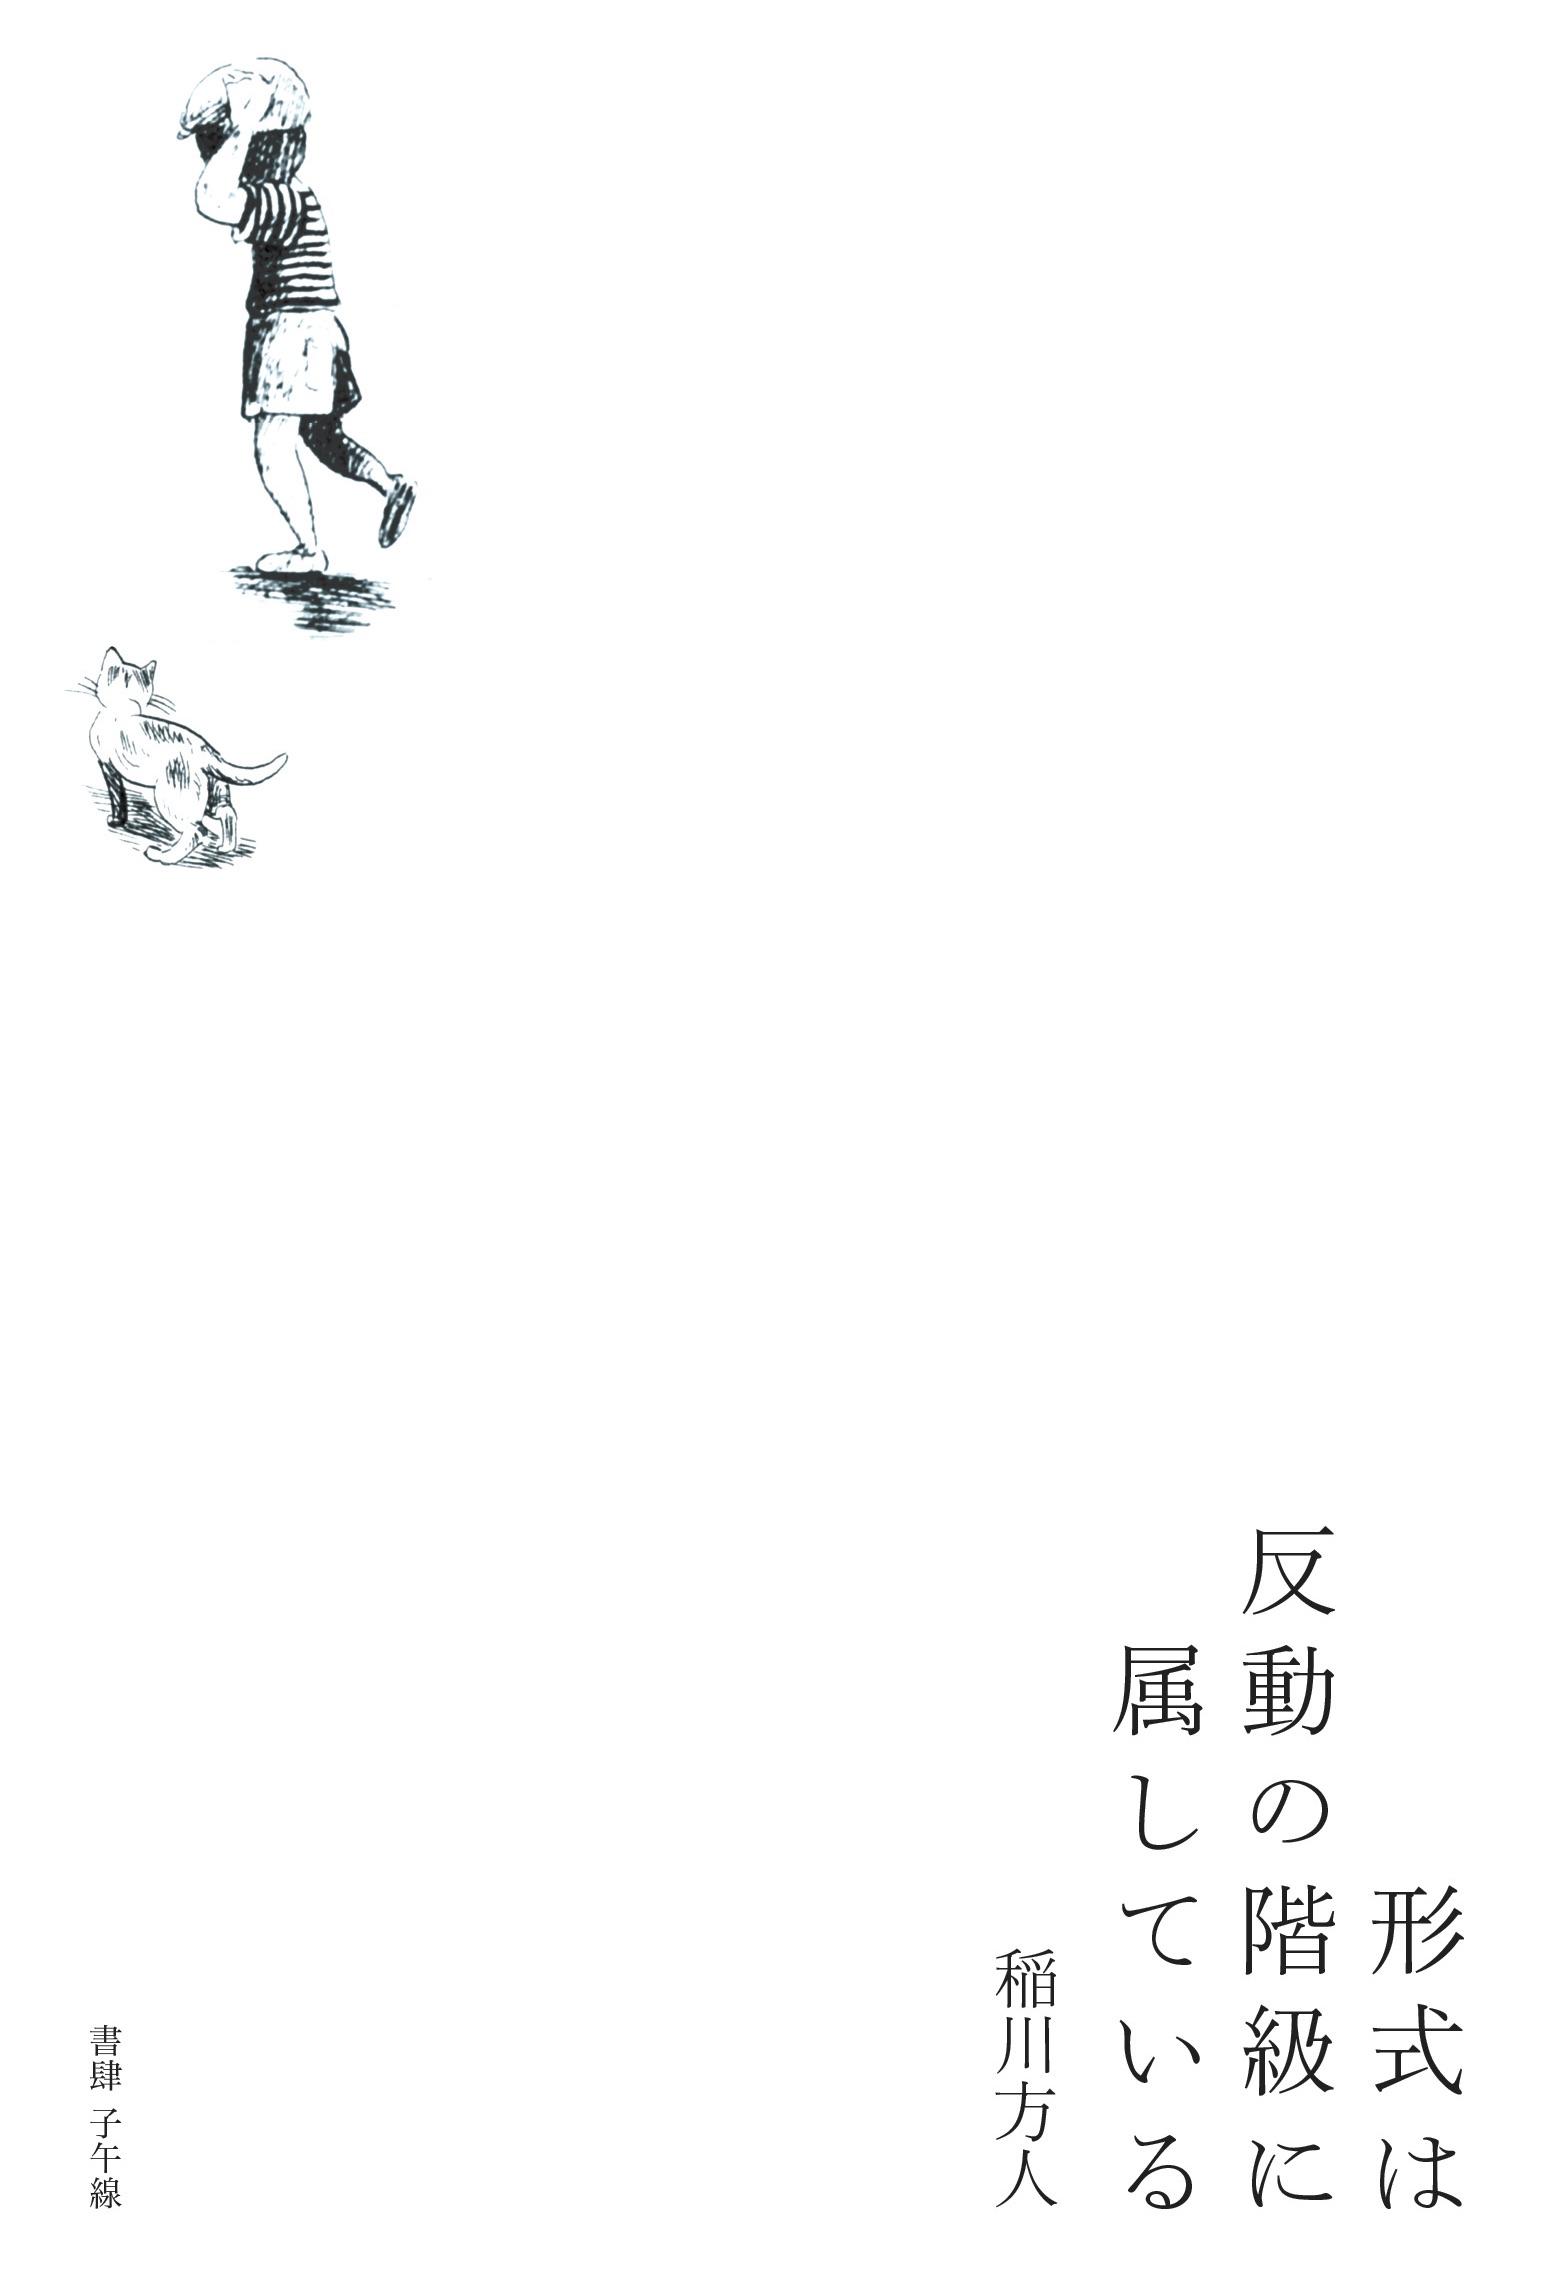 128頁/四六判上製/定価:2200円+税